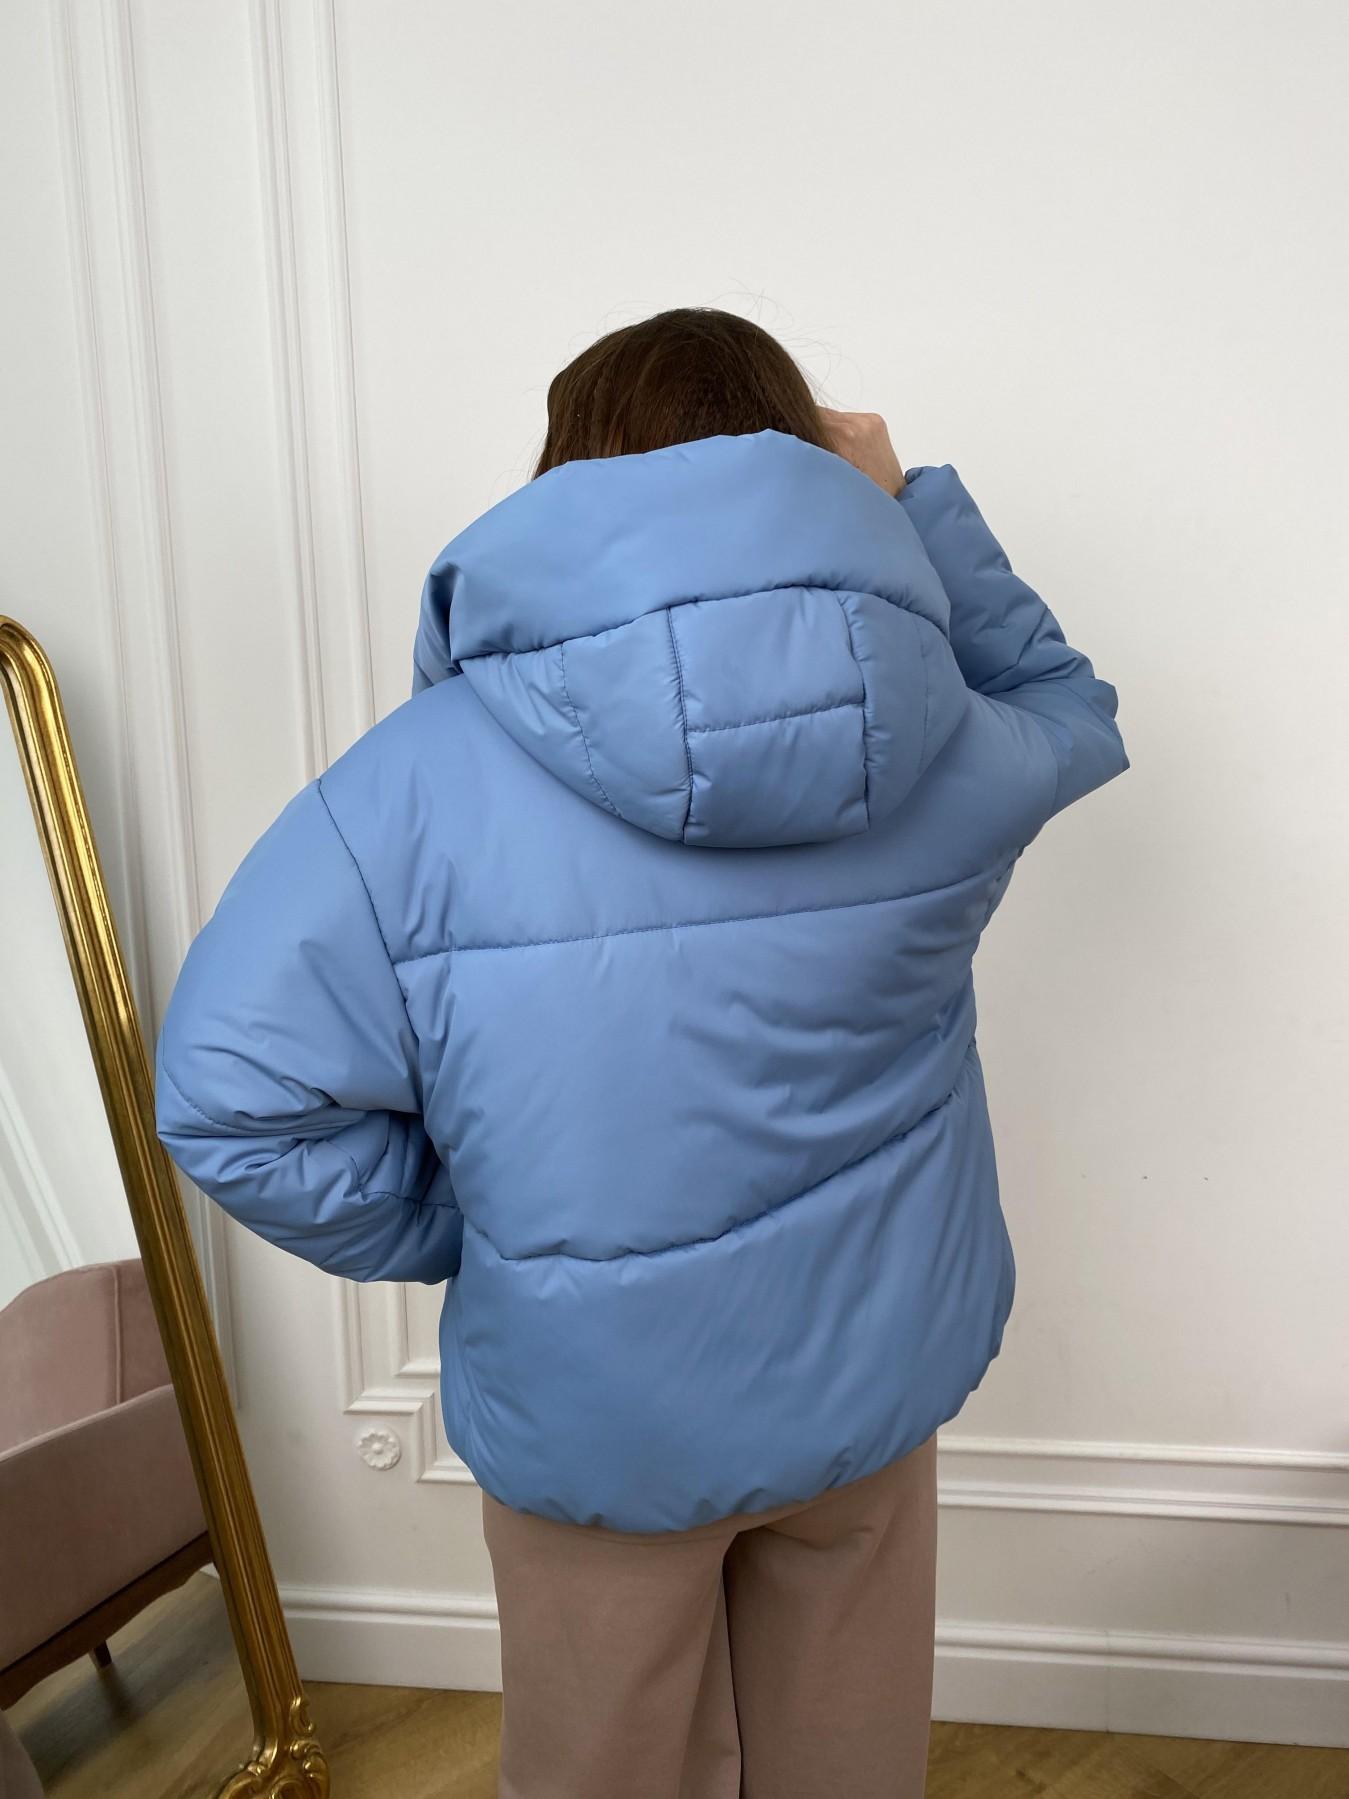 Нокс куртка из плащевой ткани 10535 АРТ. 46971 Цвет: Джинс - фото 3, интернет магазин tm-modus.ru